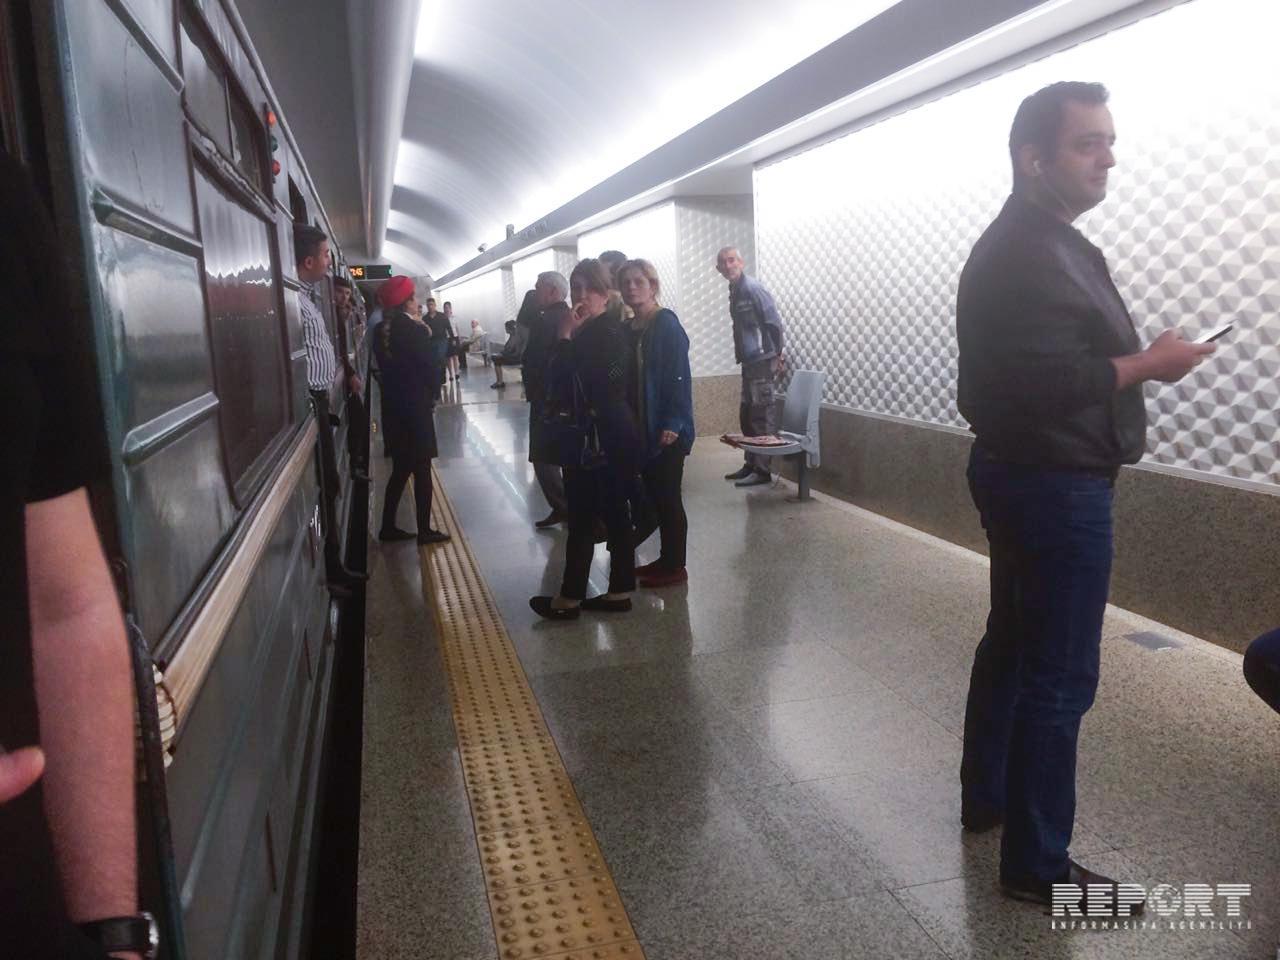 В туннеле между станциями Джафар Джаббарлы и Хатаи произошло задымление